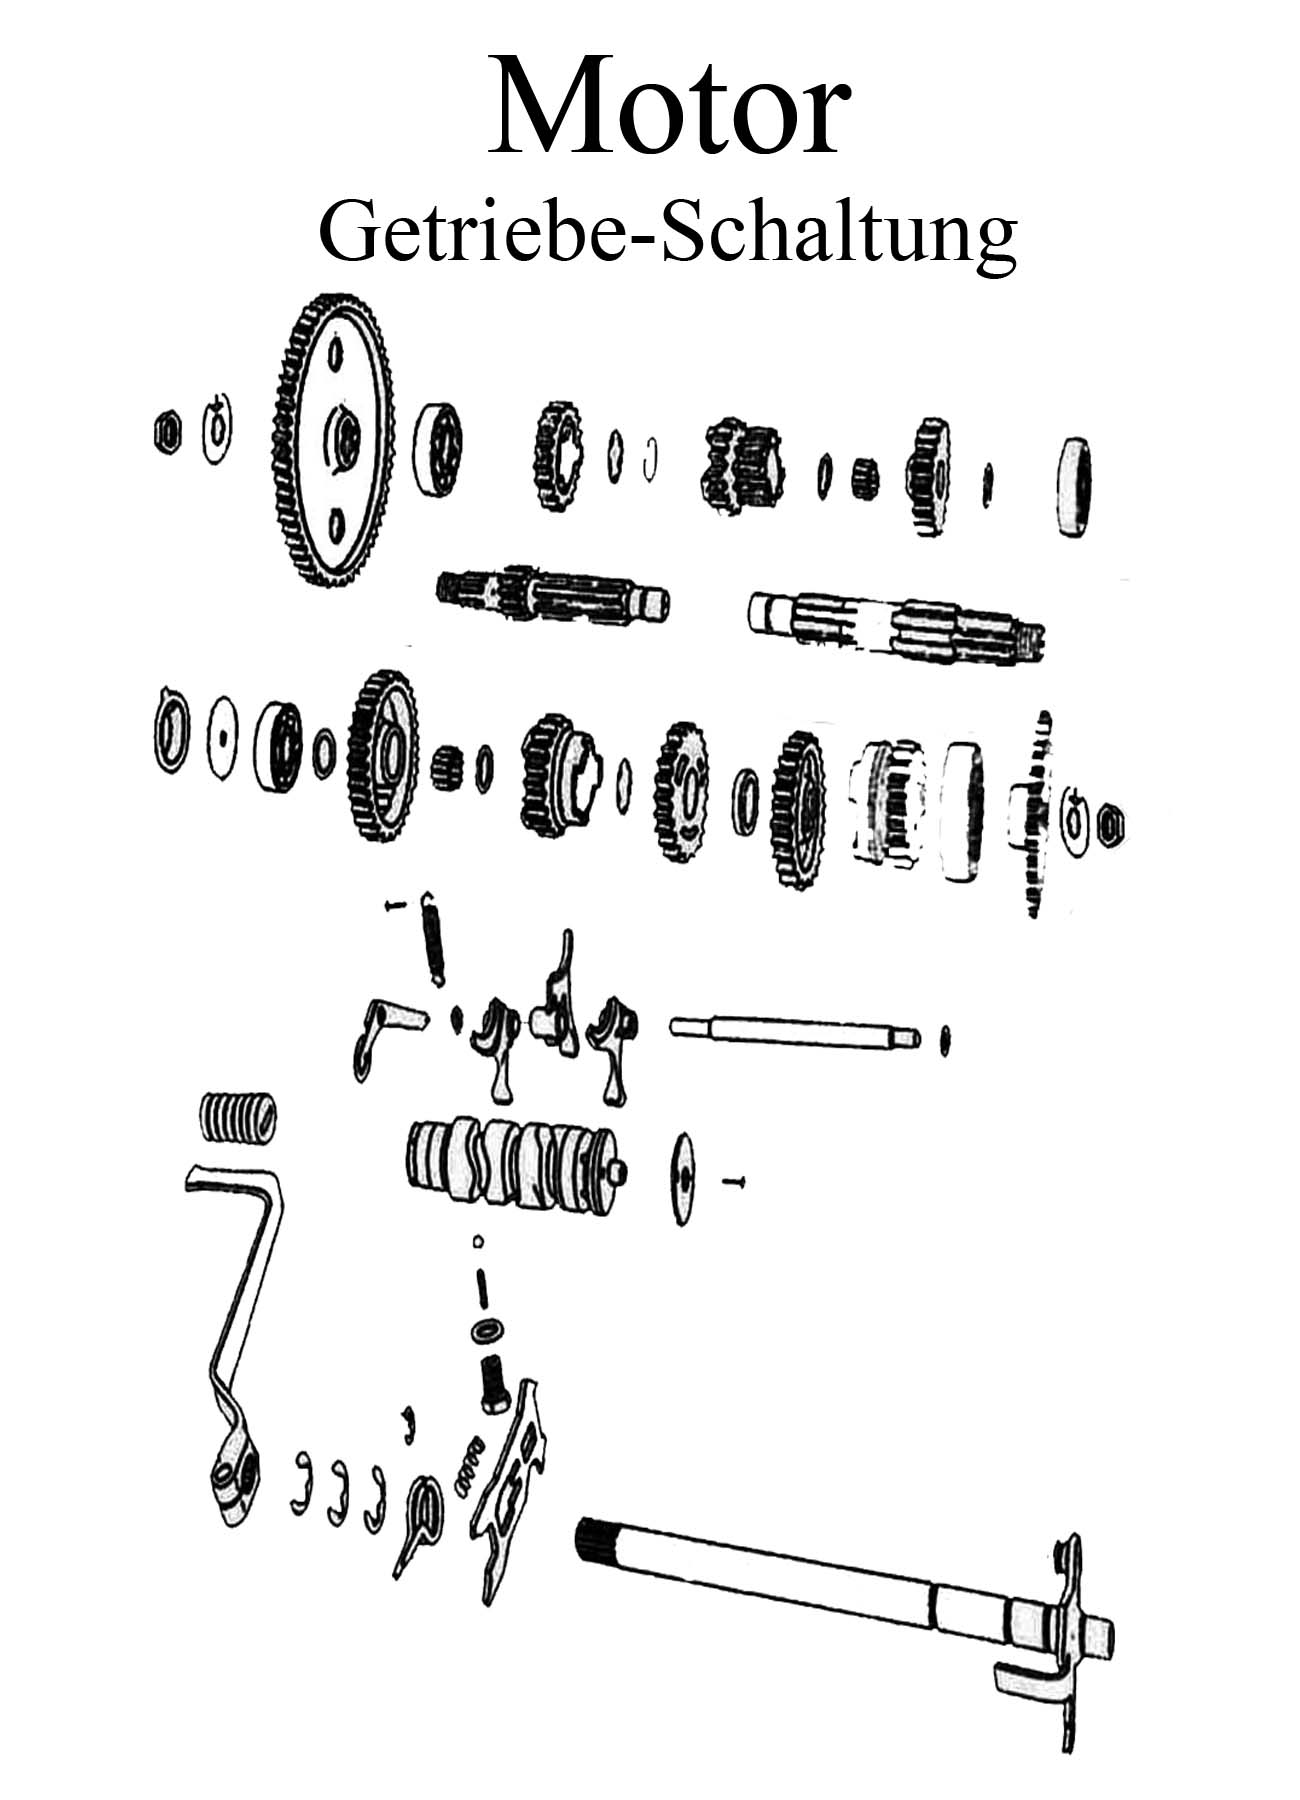 MZ ETZ 250 Ersatzteileliste Motor 5-Gang-Getriebe Fußschaltung Hebel Gummi Welle Zahnrad Schaltrad Gummi